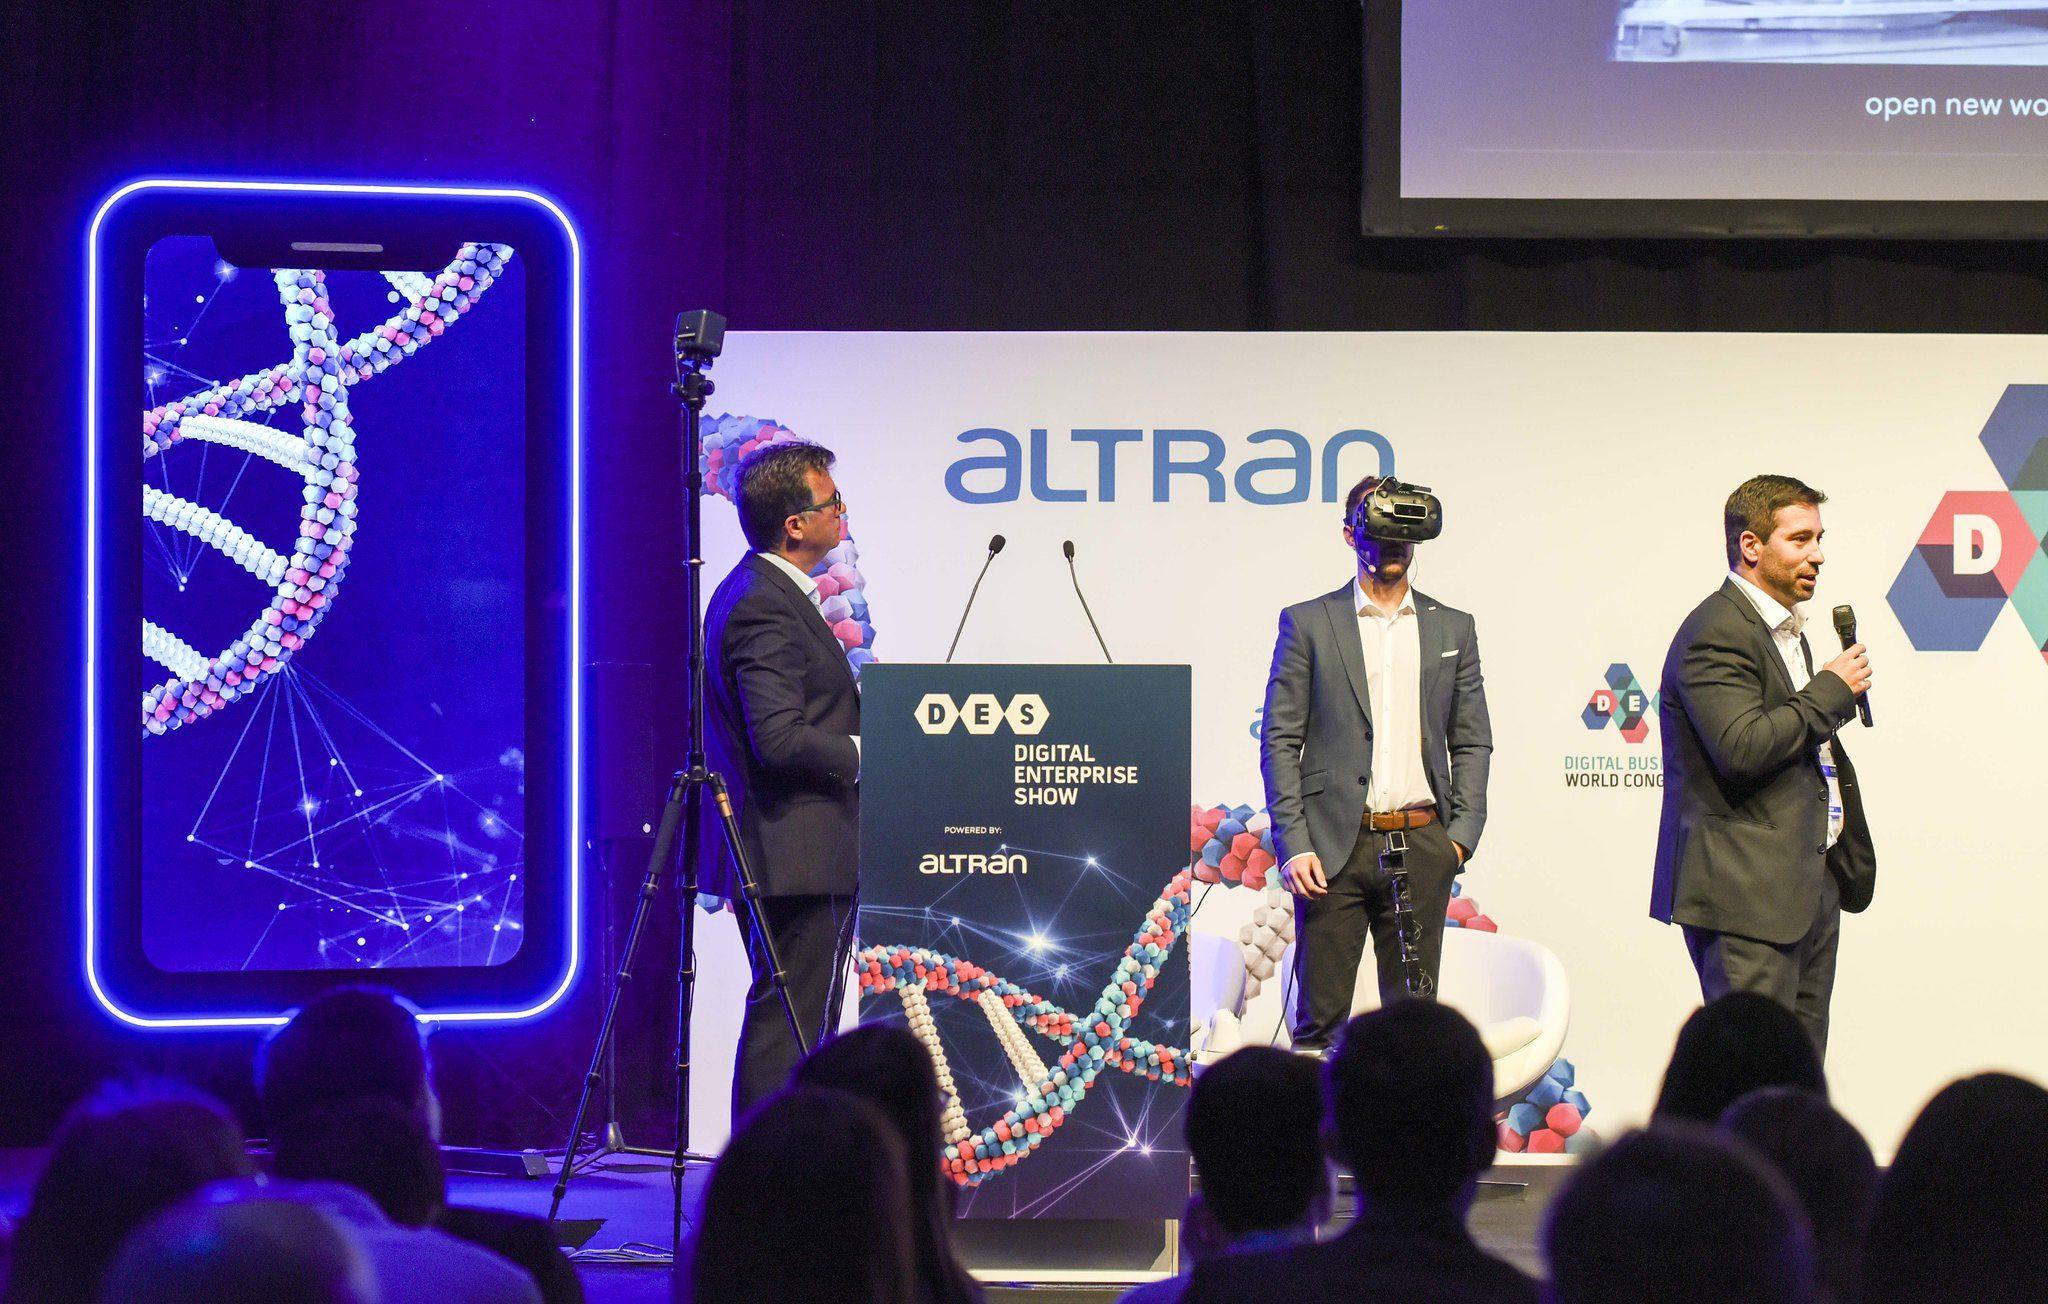 La Inteligencia Artificial y la digitalización de las pymes protagonizan la quinta edición de DES-Digital Enterprise Show